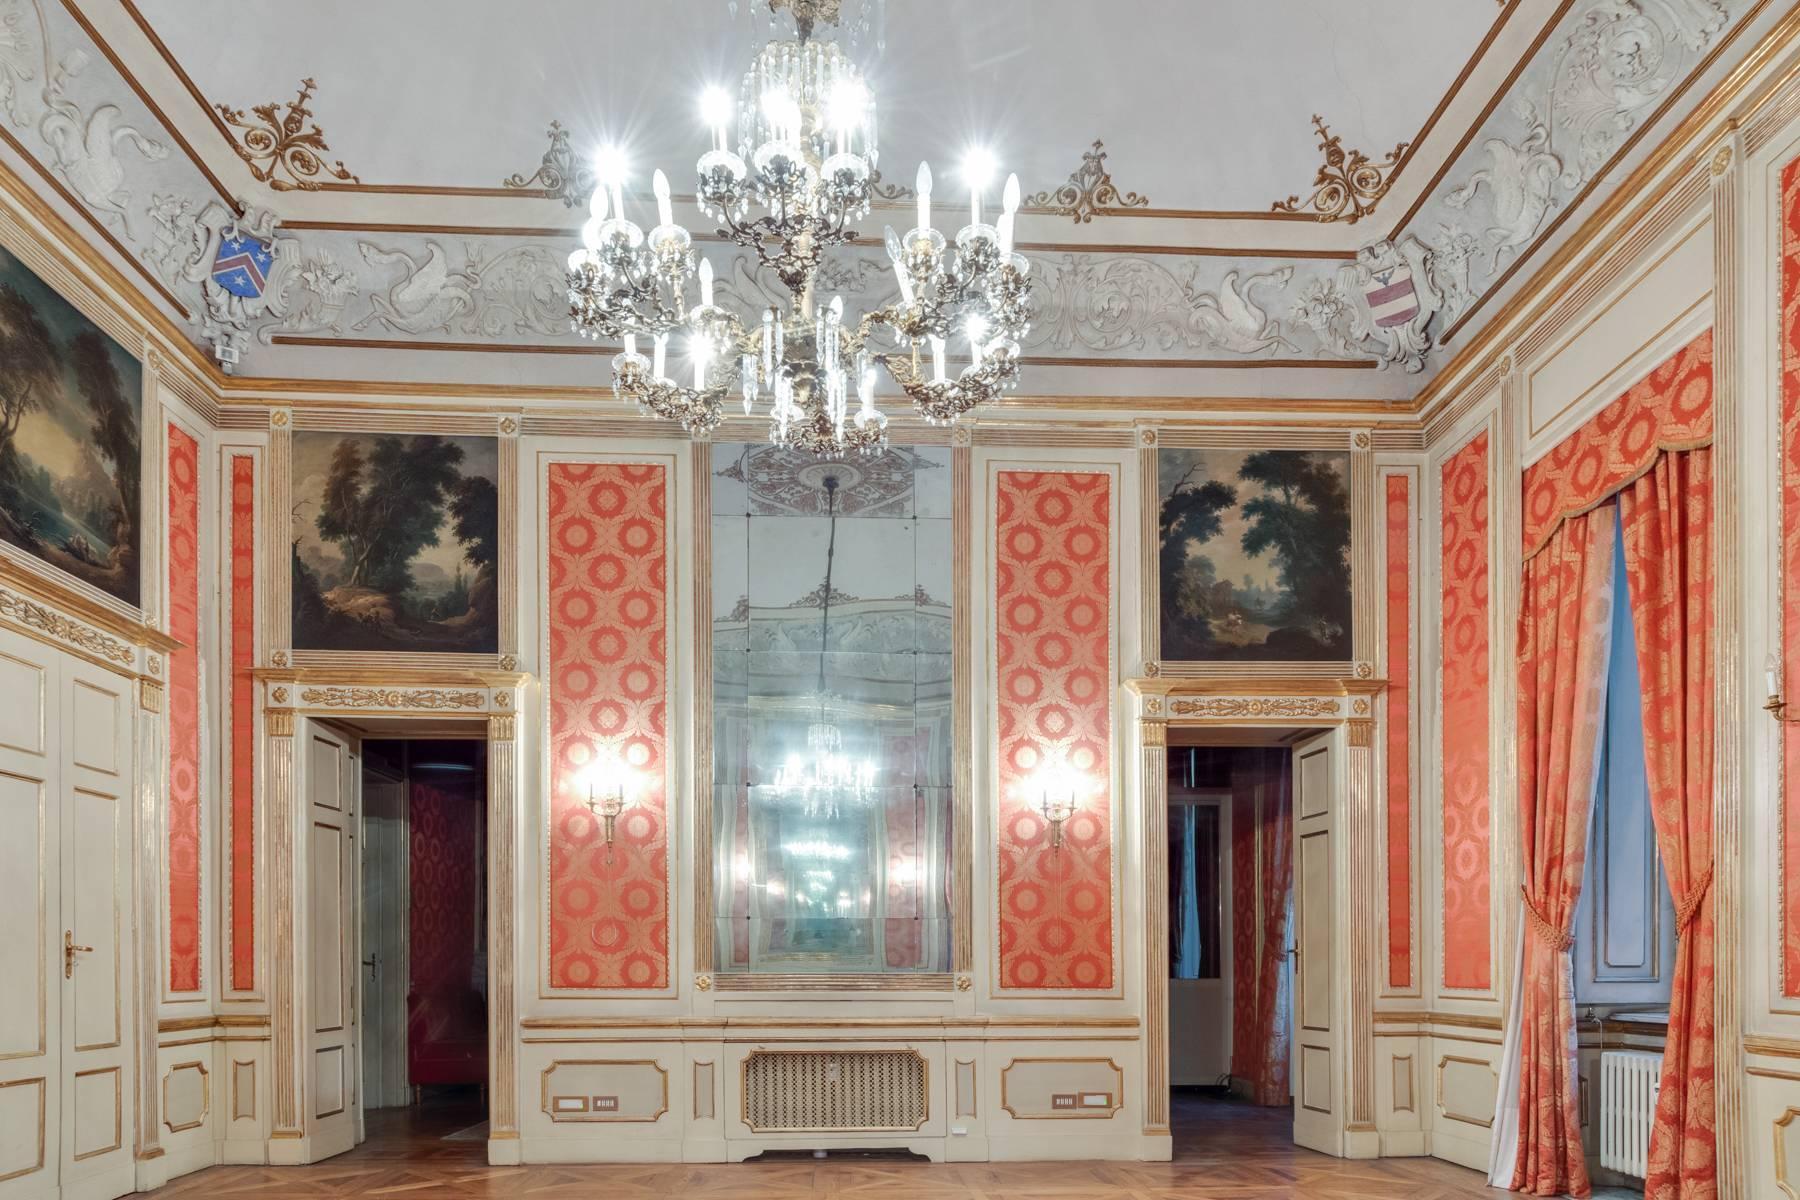 Appartement élégant dans un palais historique - 13